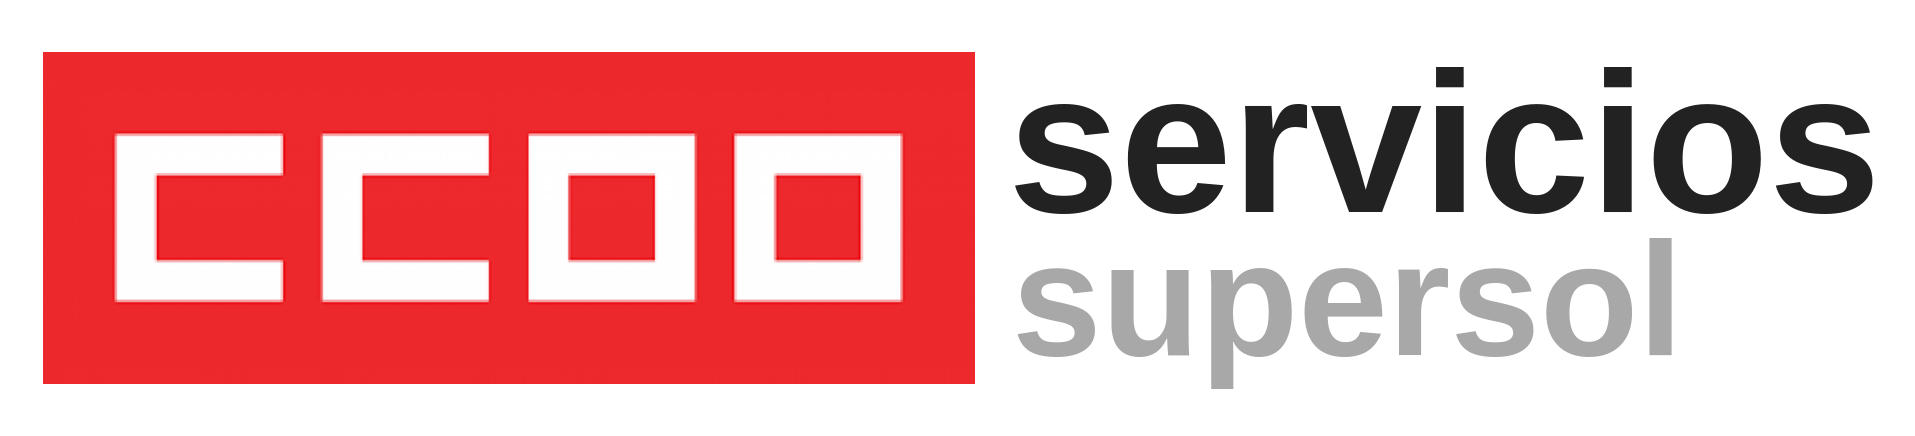 CCOO Supersol logo